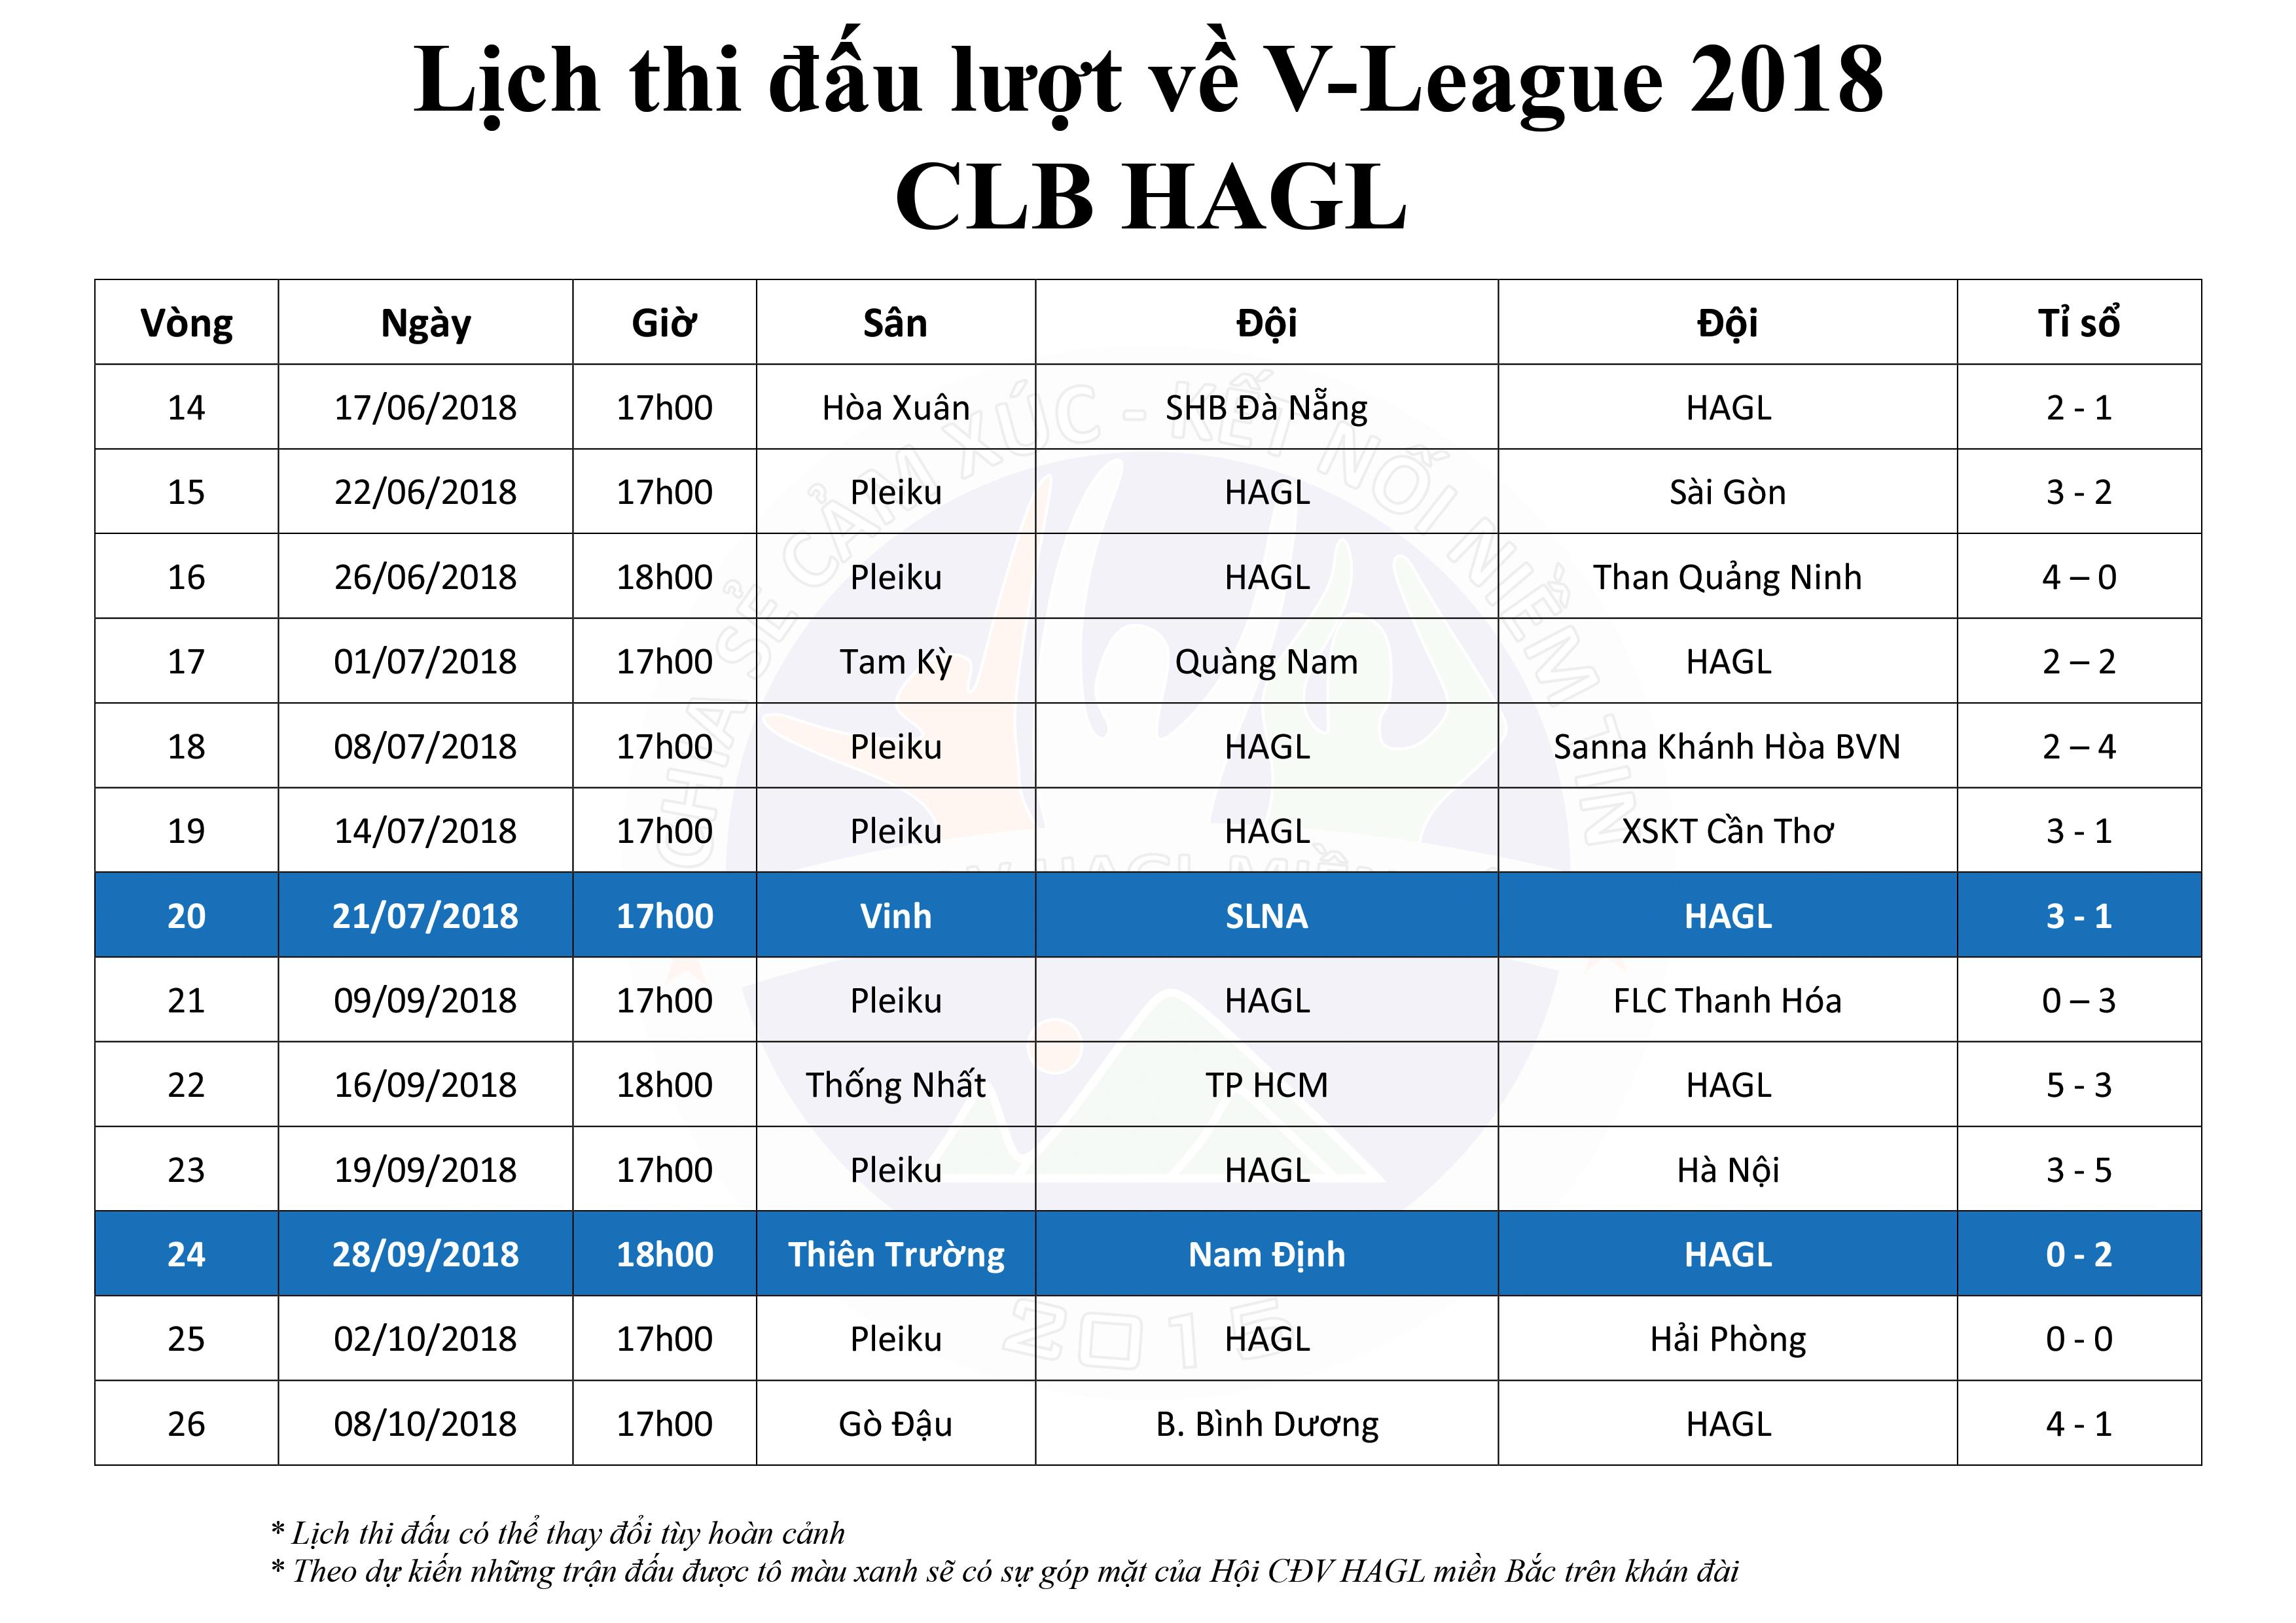 lượt về V-league 2018